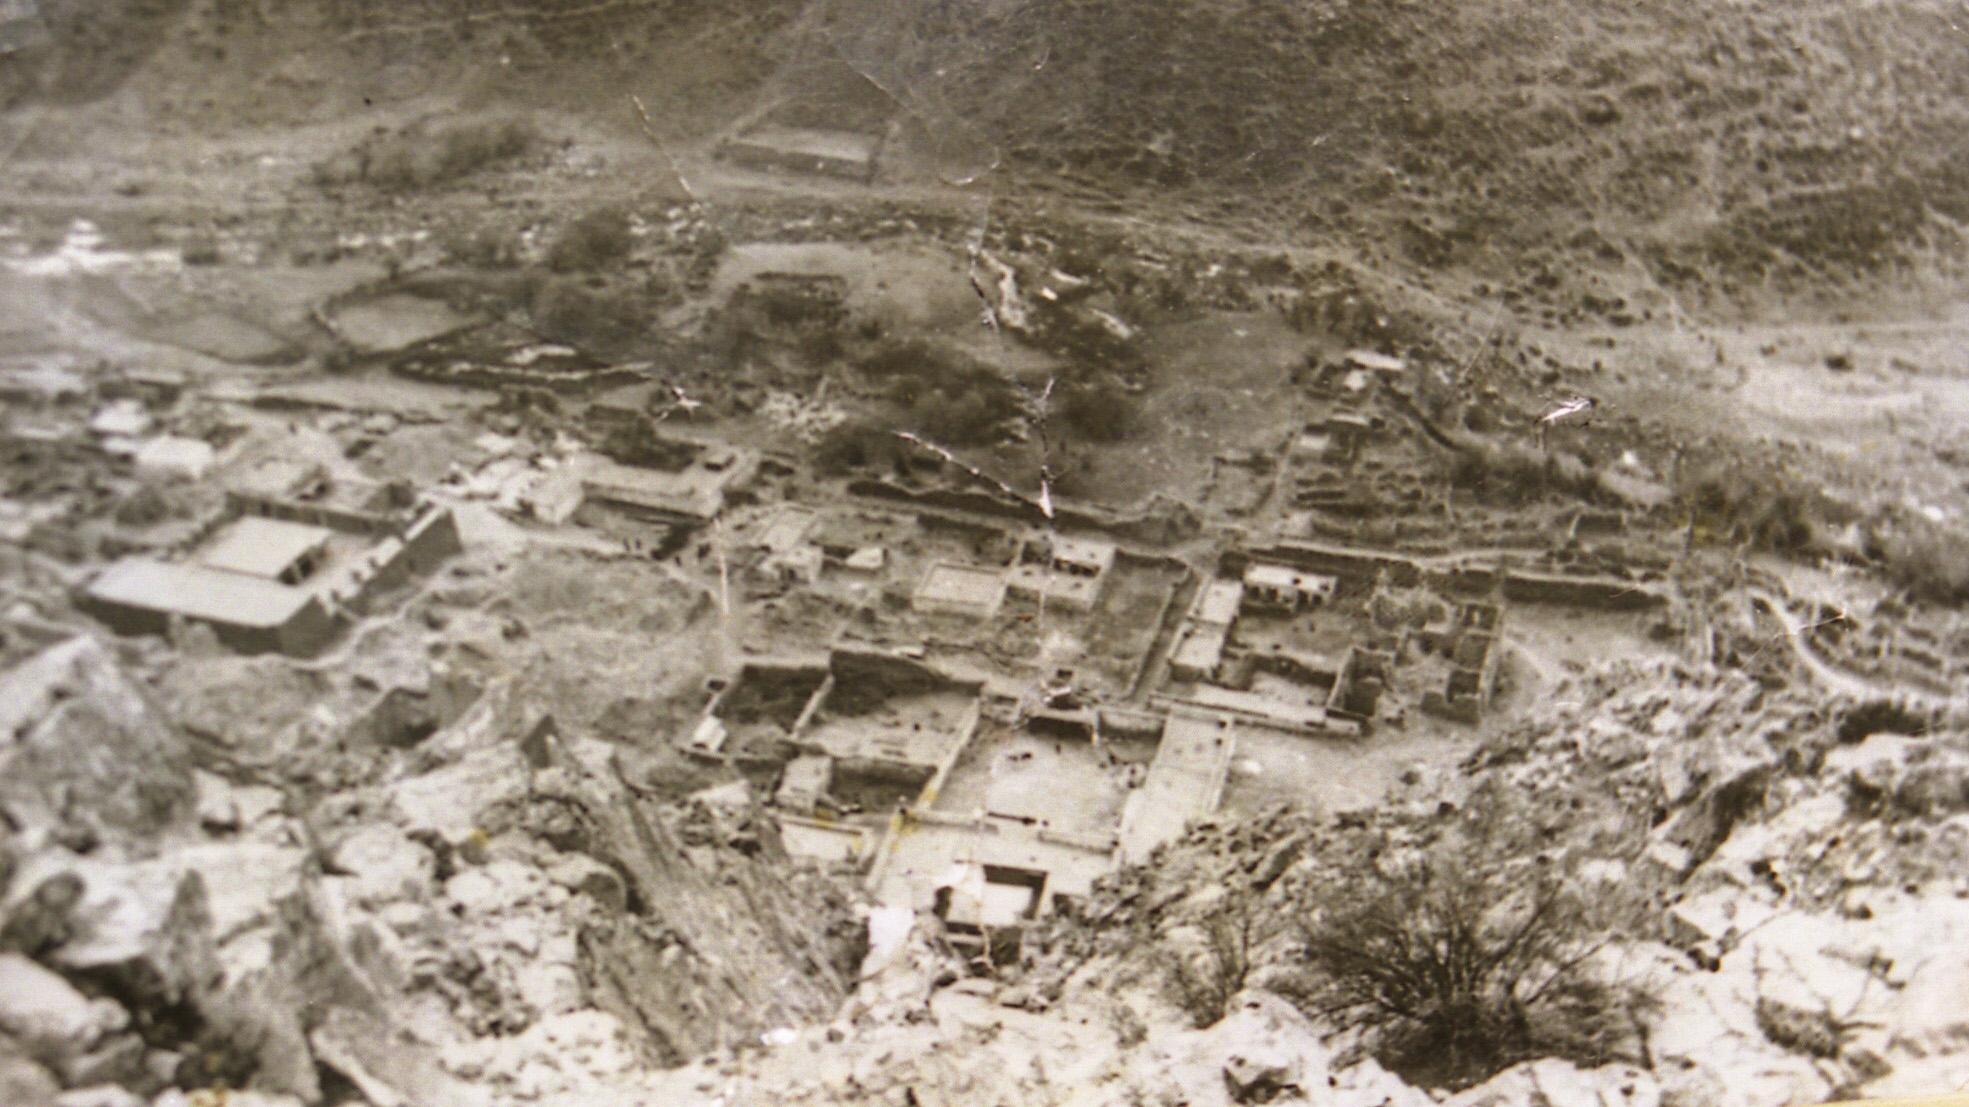 藏传佛教噶玛噶举教派祖寺楚布寺在文革被夷为废墟(据介绍拍摄于1970年代末)。(唯色1998年摄影)